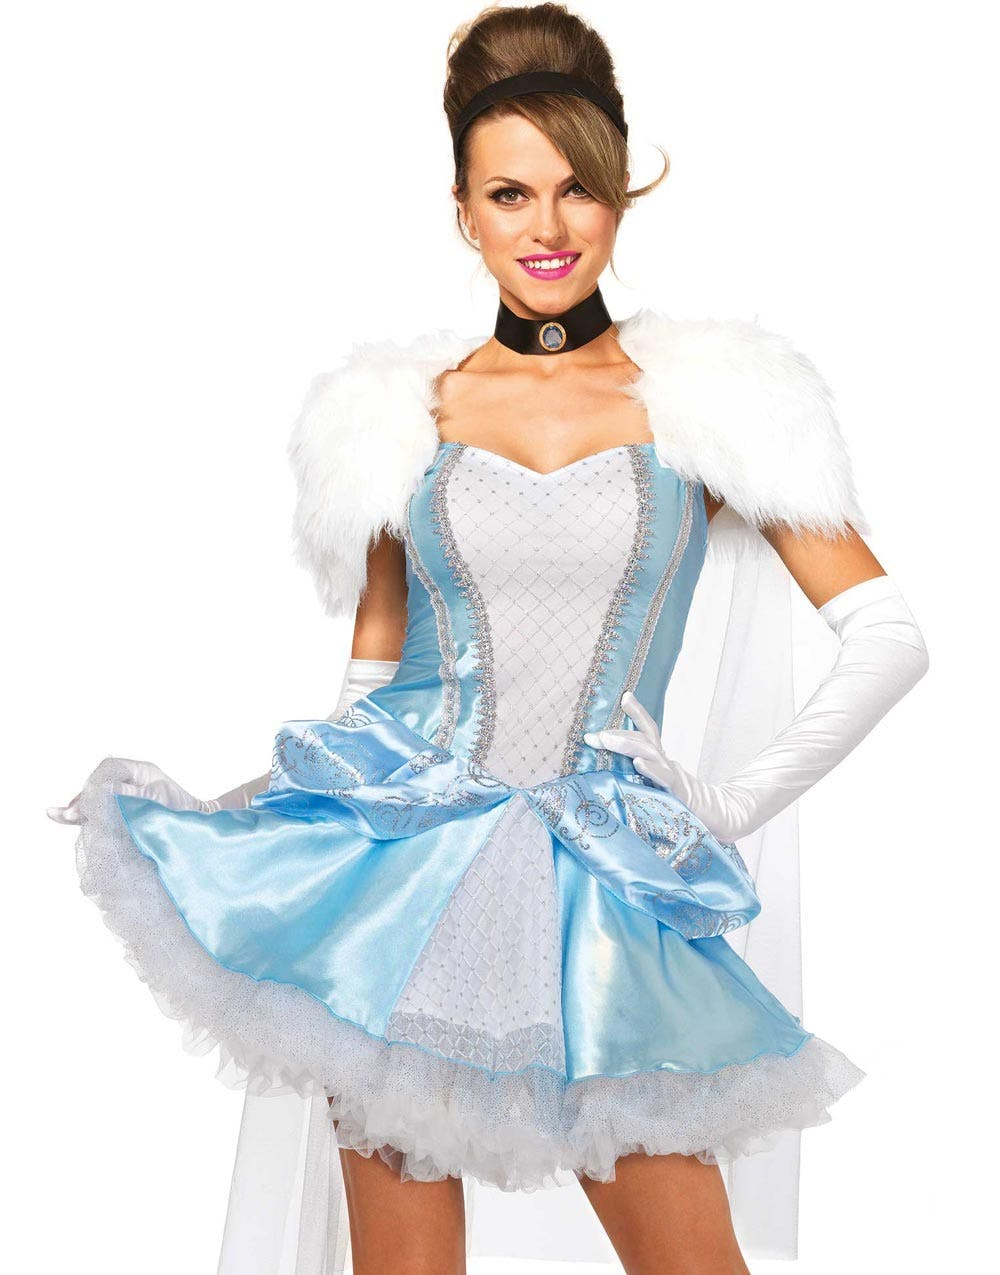 Cinderella Darling - Lyxkostym Cinderella Darling - Lyxkostym ... a22e14ceabe81